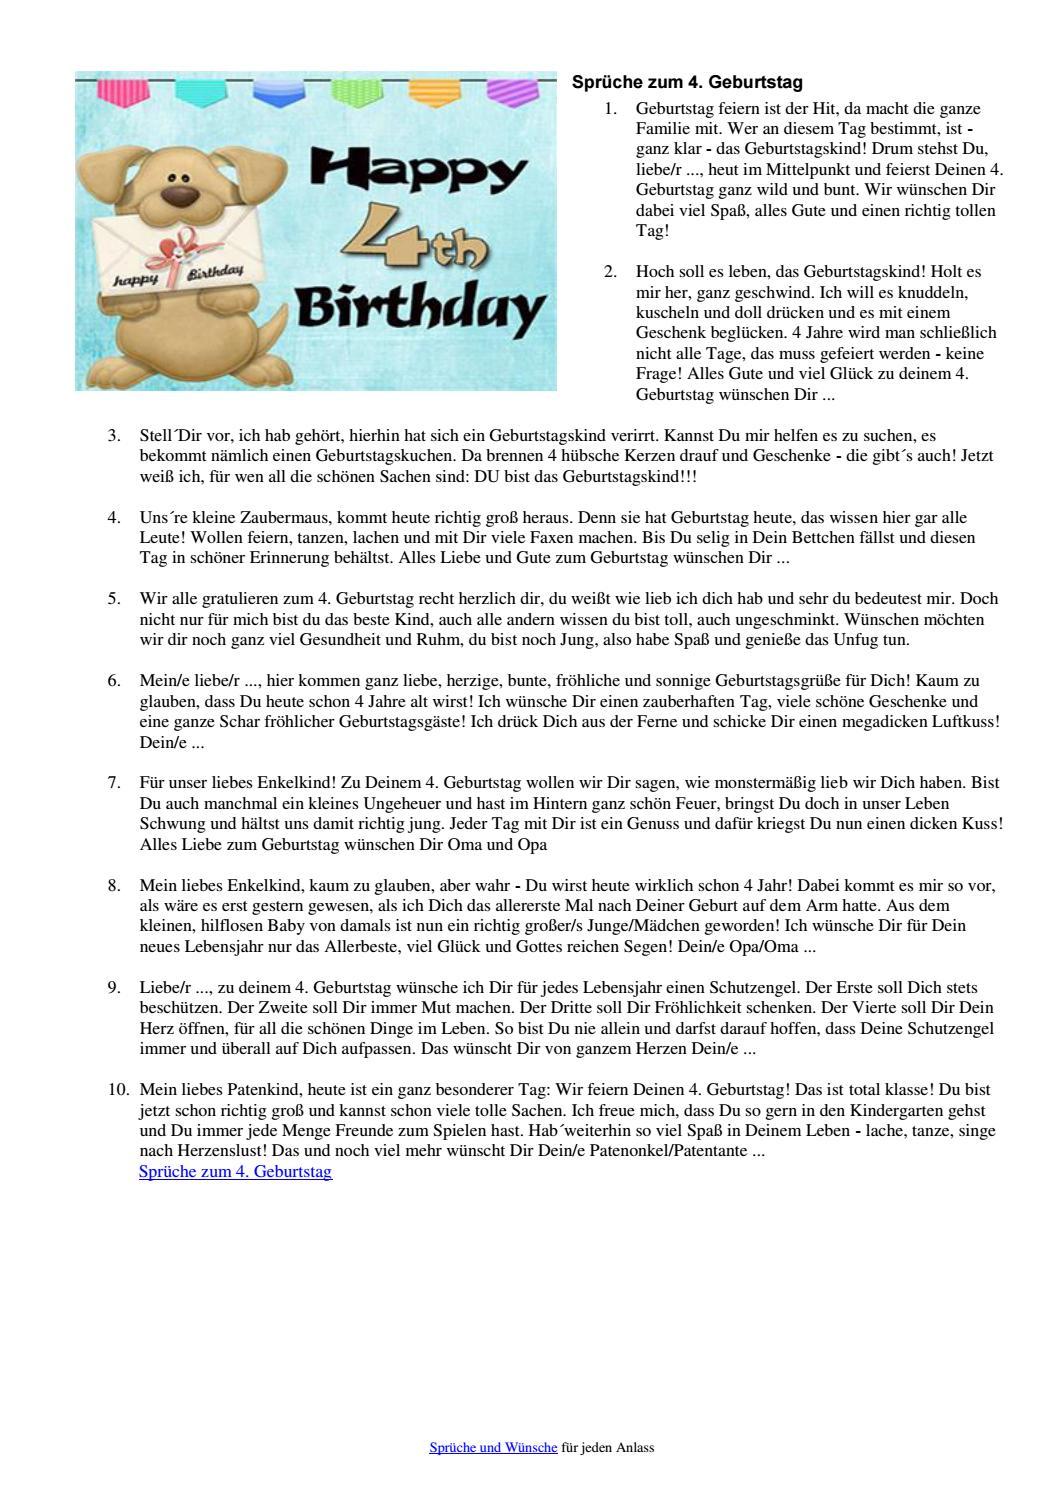 Was Könnte Man Sich Zum Geburtstag Wünschen Besondere